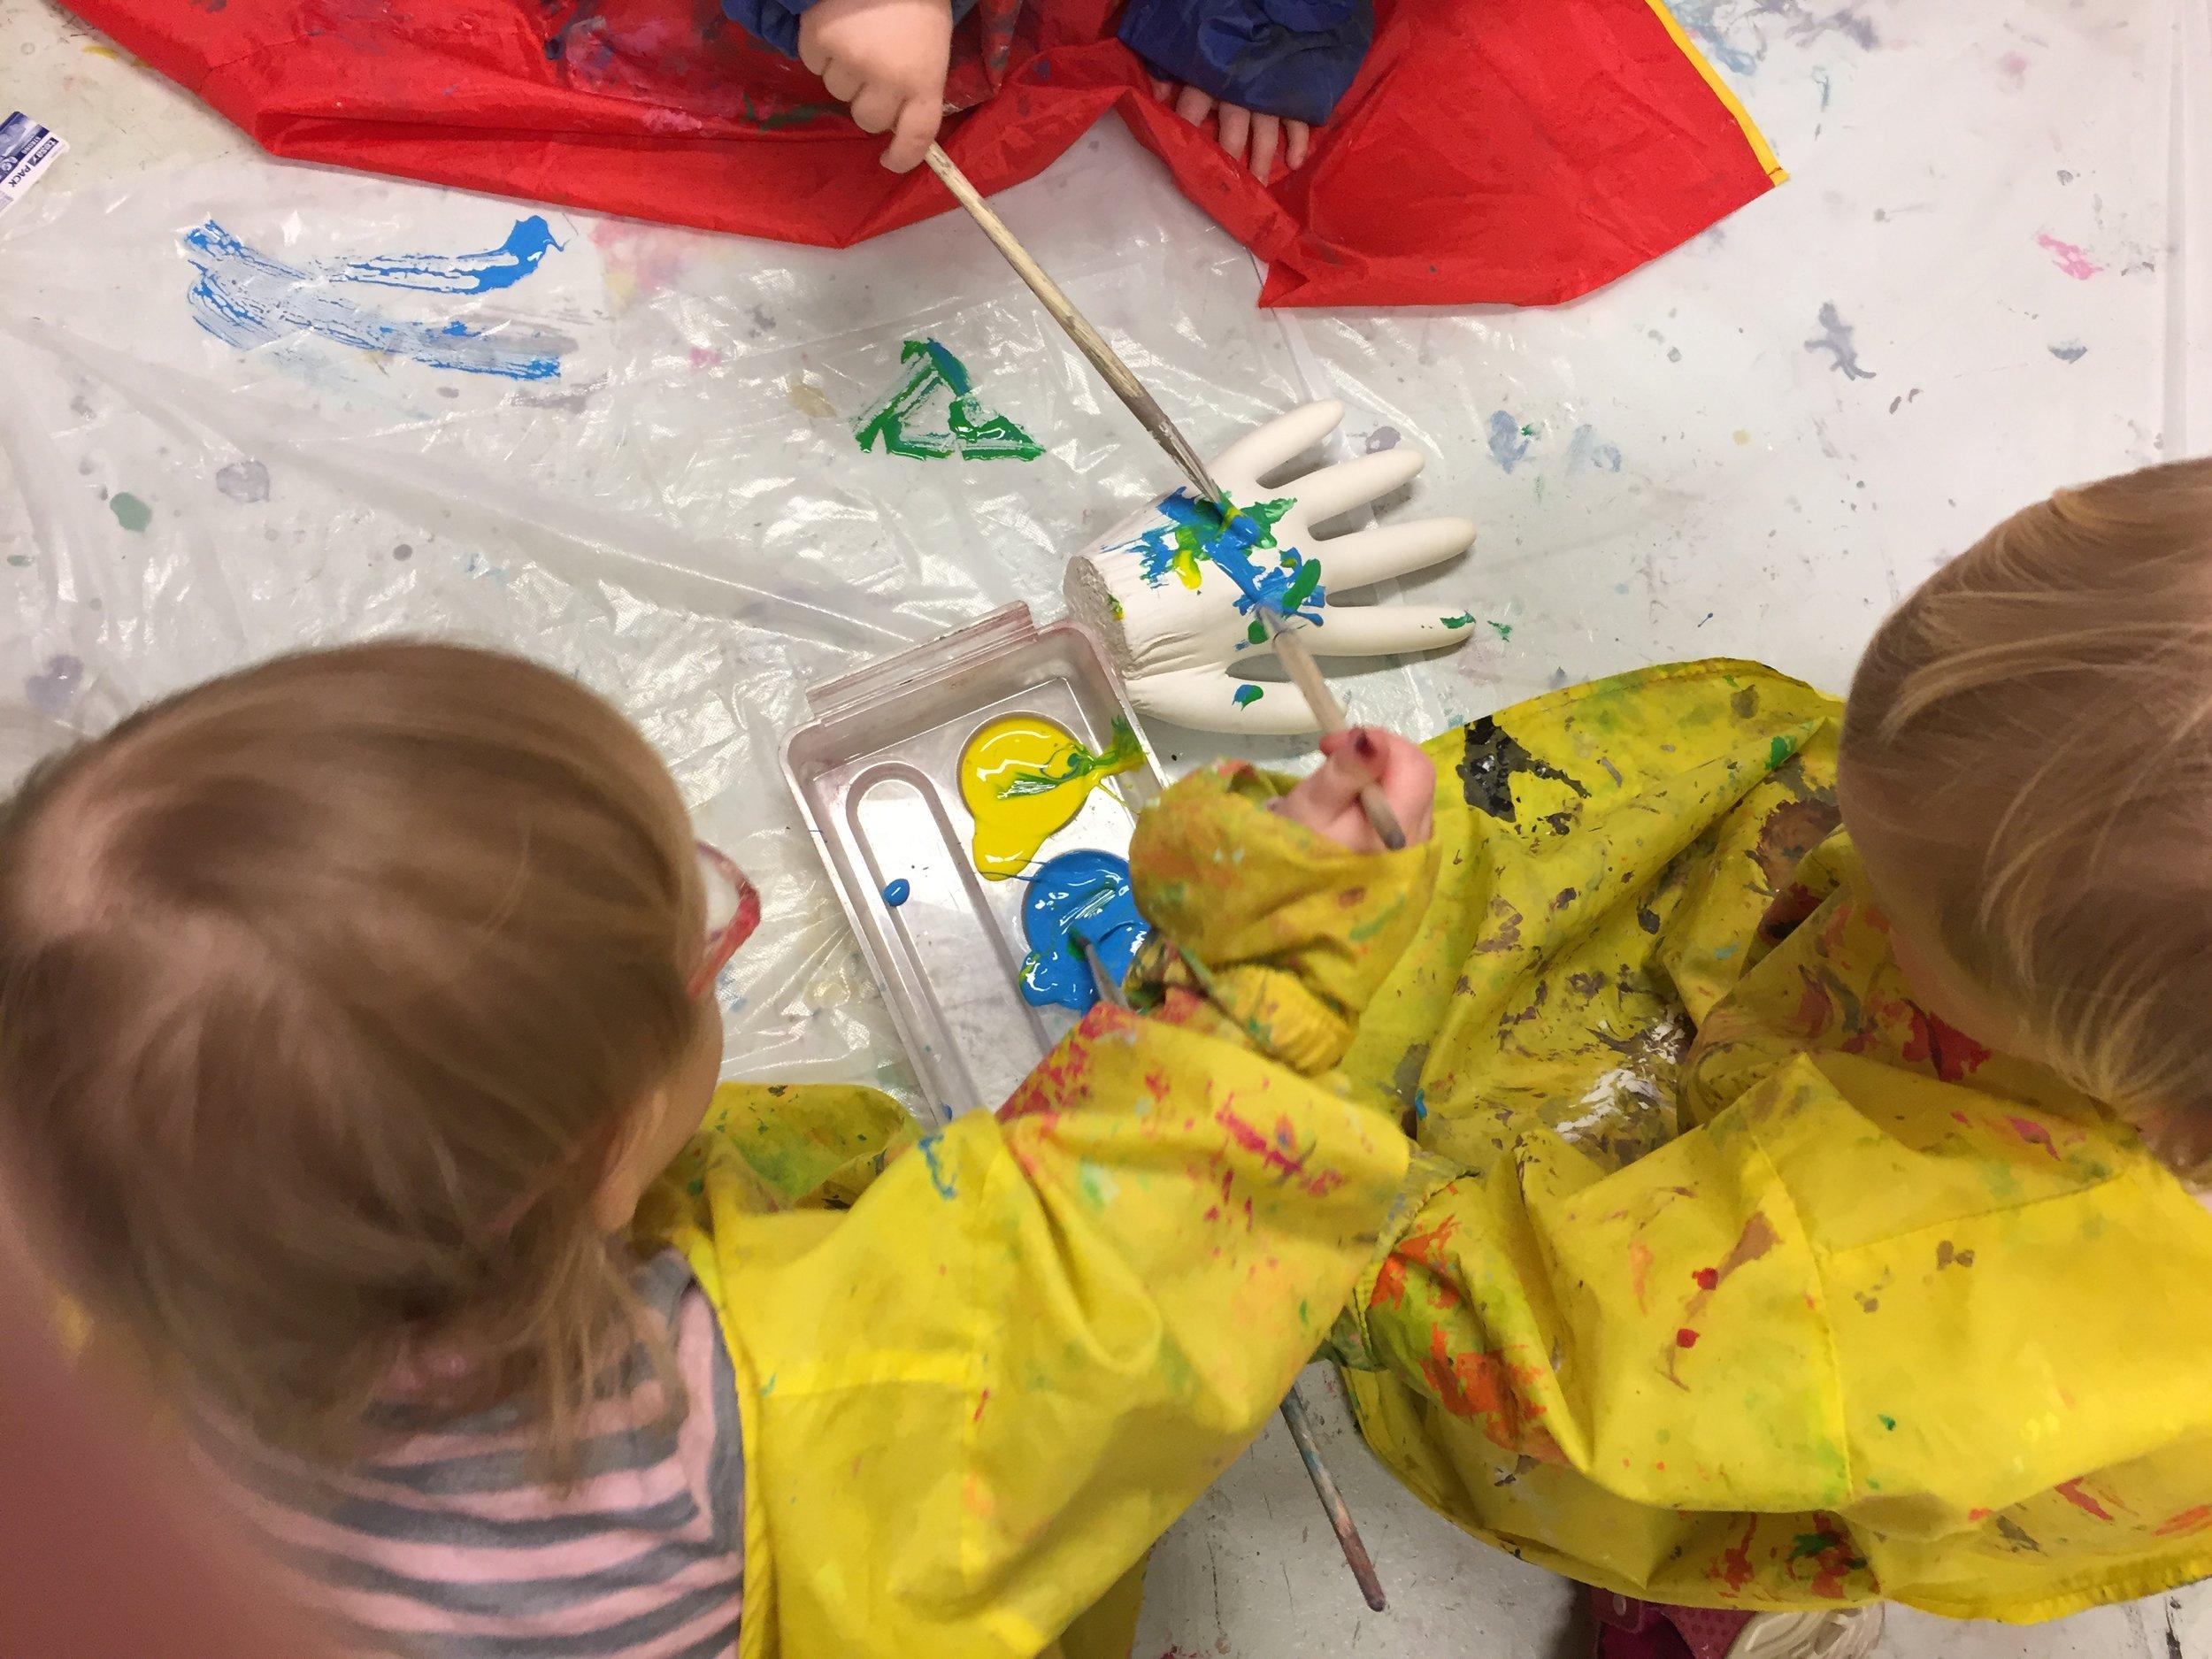 Hånden måtte undersøkes først ved å holde den og å ta på den. Etter å ha sanset den var det greit å male på den.